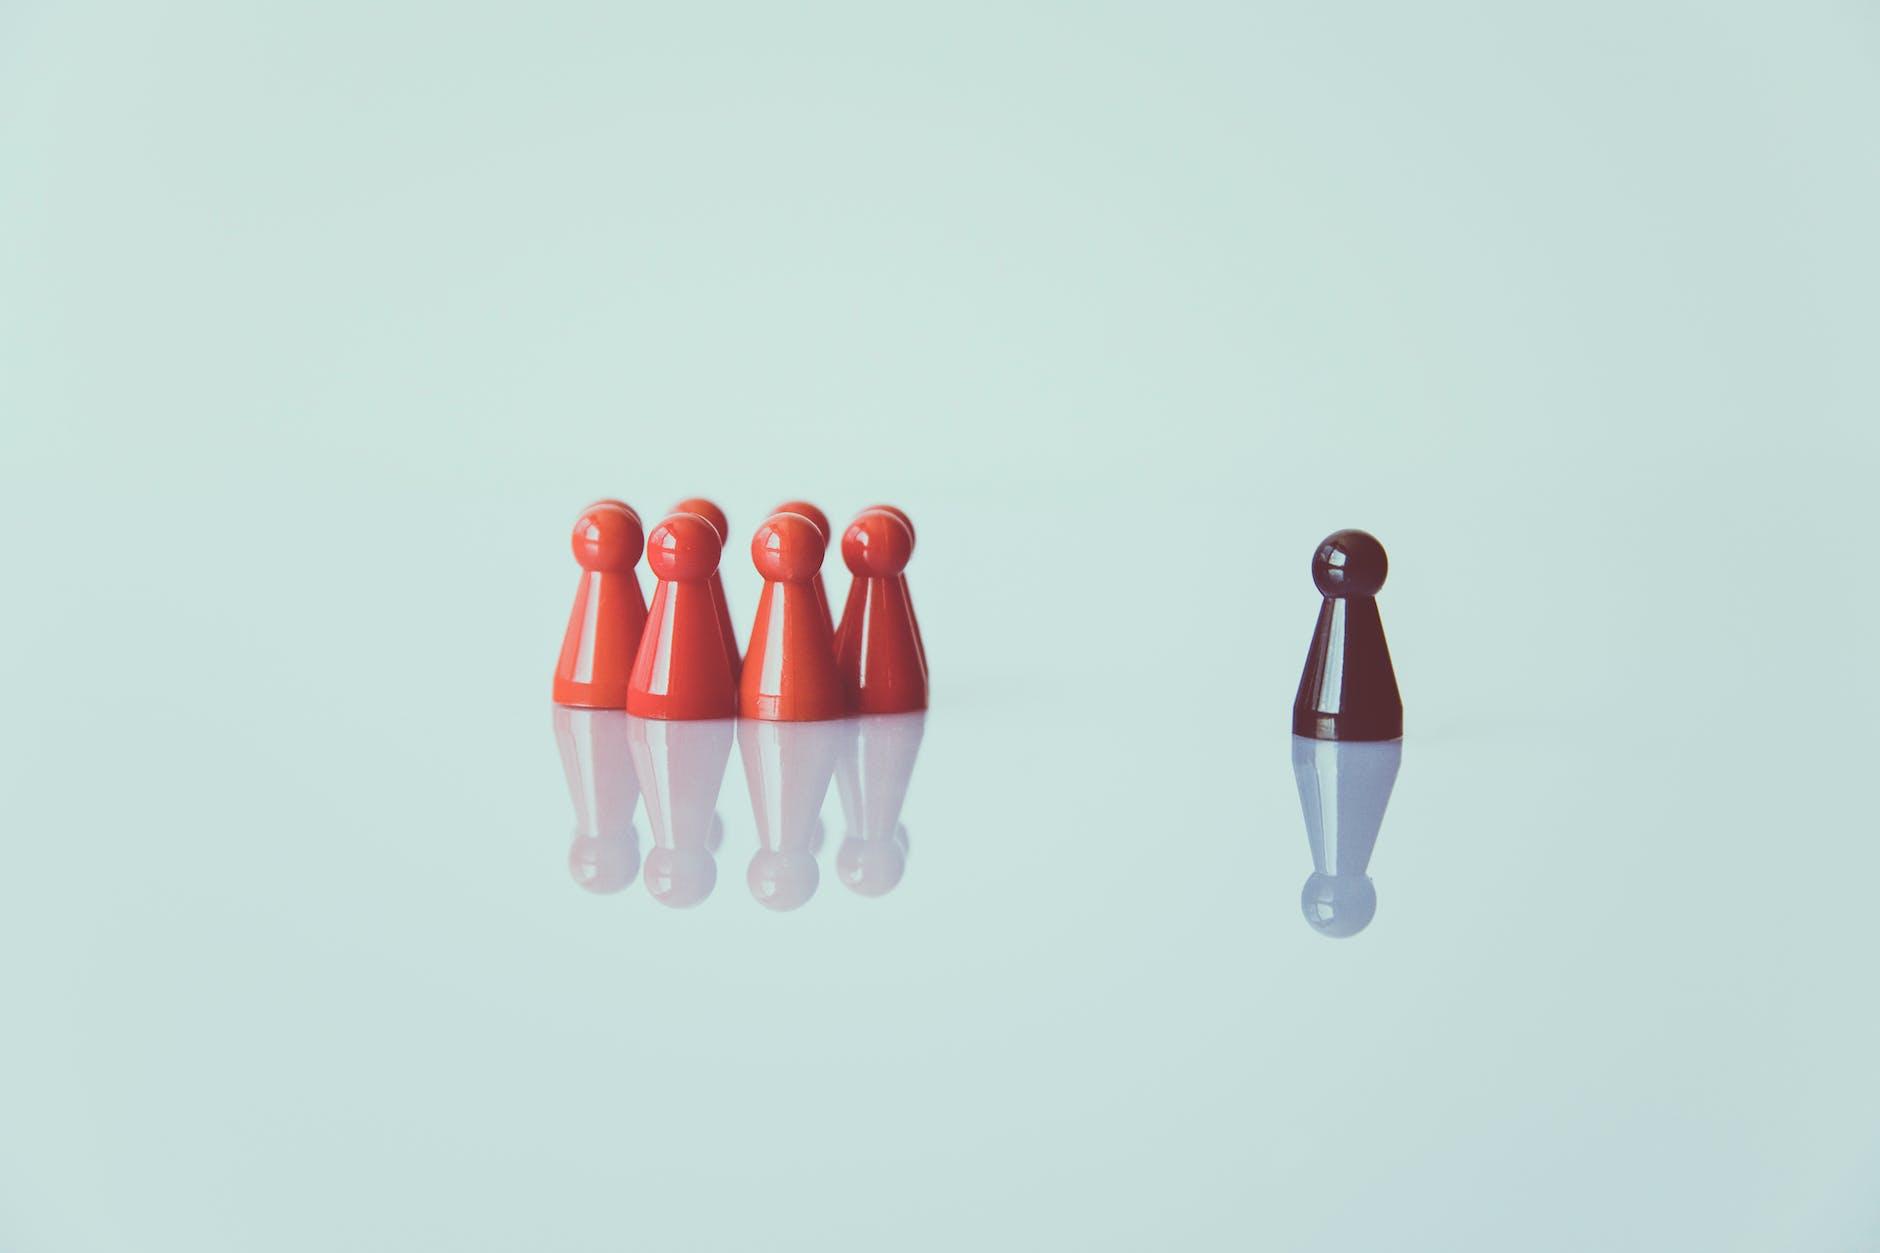 איך להתמודד עם בידוד ועם דאגות כלכליות - המלצות ה-APA 1